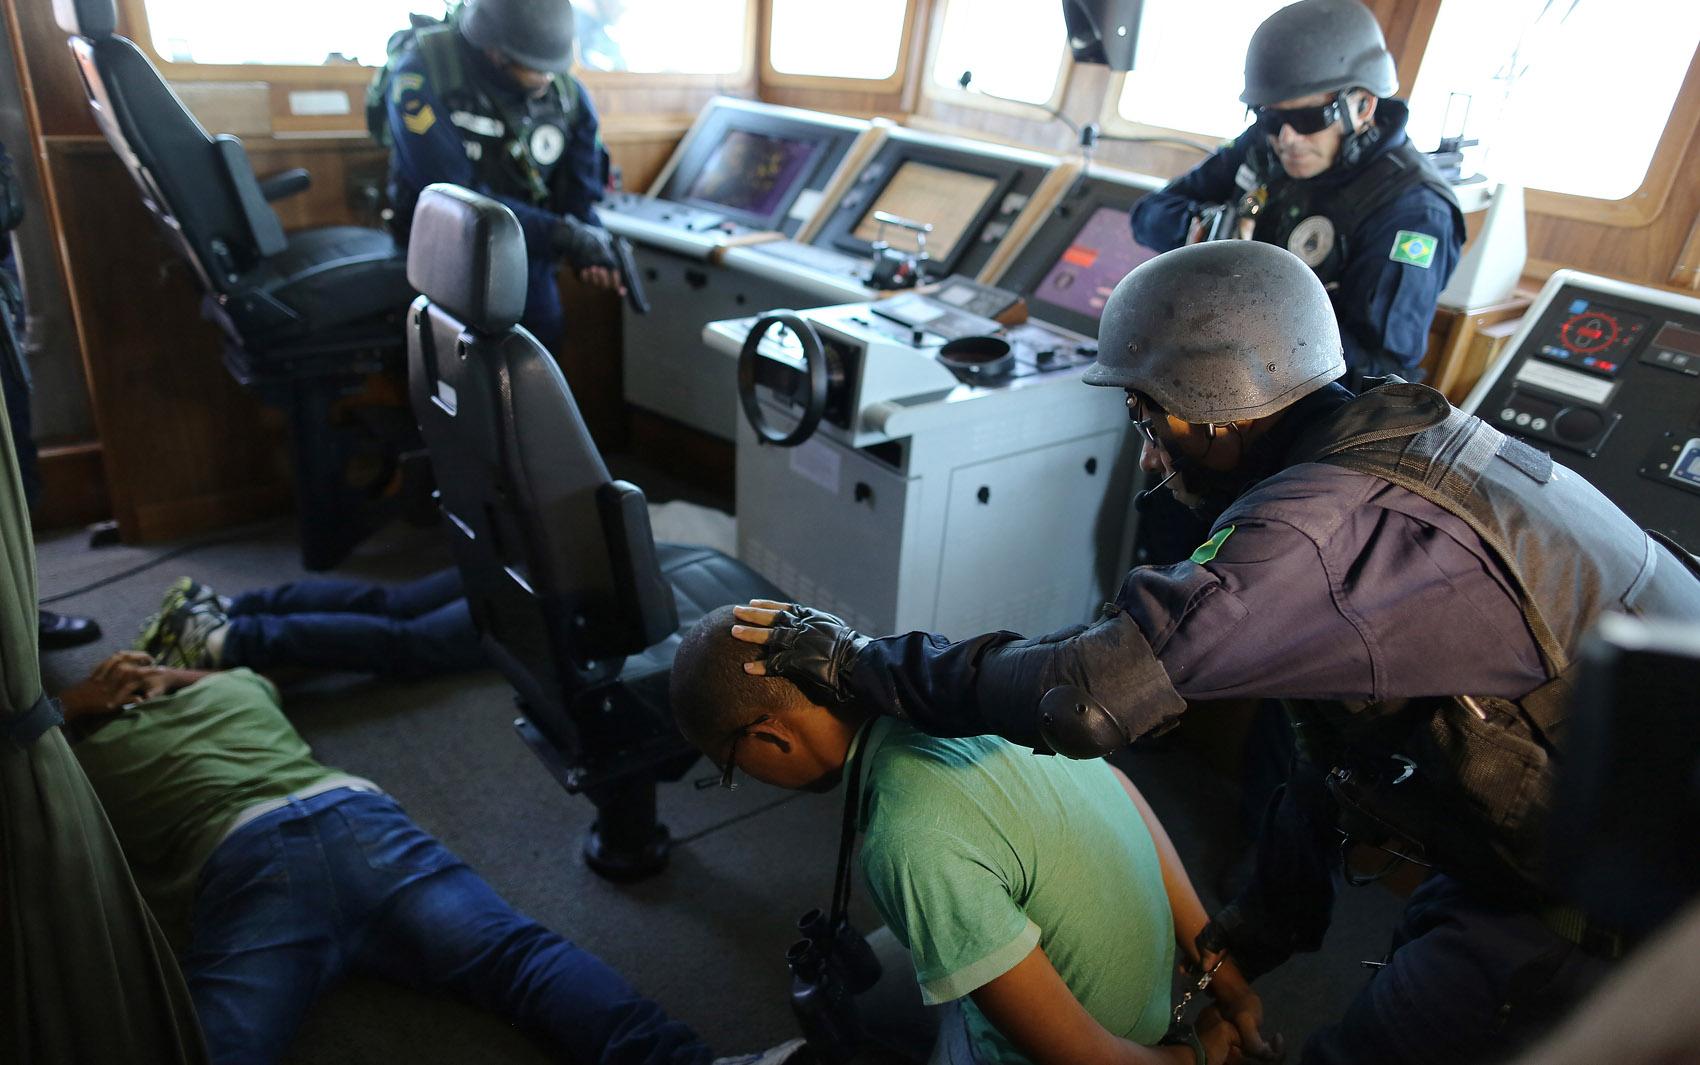 Fuzileiros Navais participam de treinamento em um navio na Baía de Guanabara, no Rio de Janeiro. As operações são realizadas nesta semana em preparação para a Copa do Mundo.